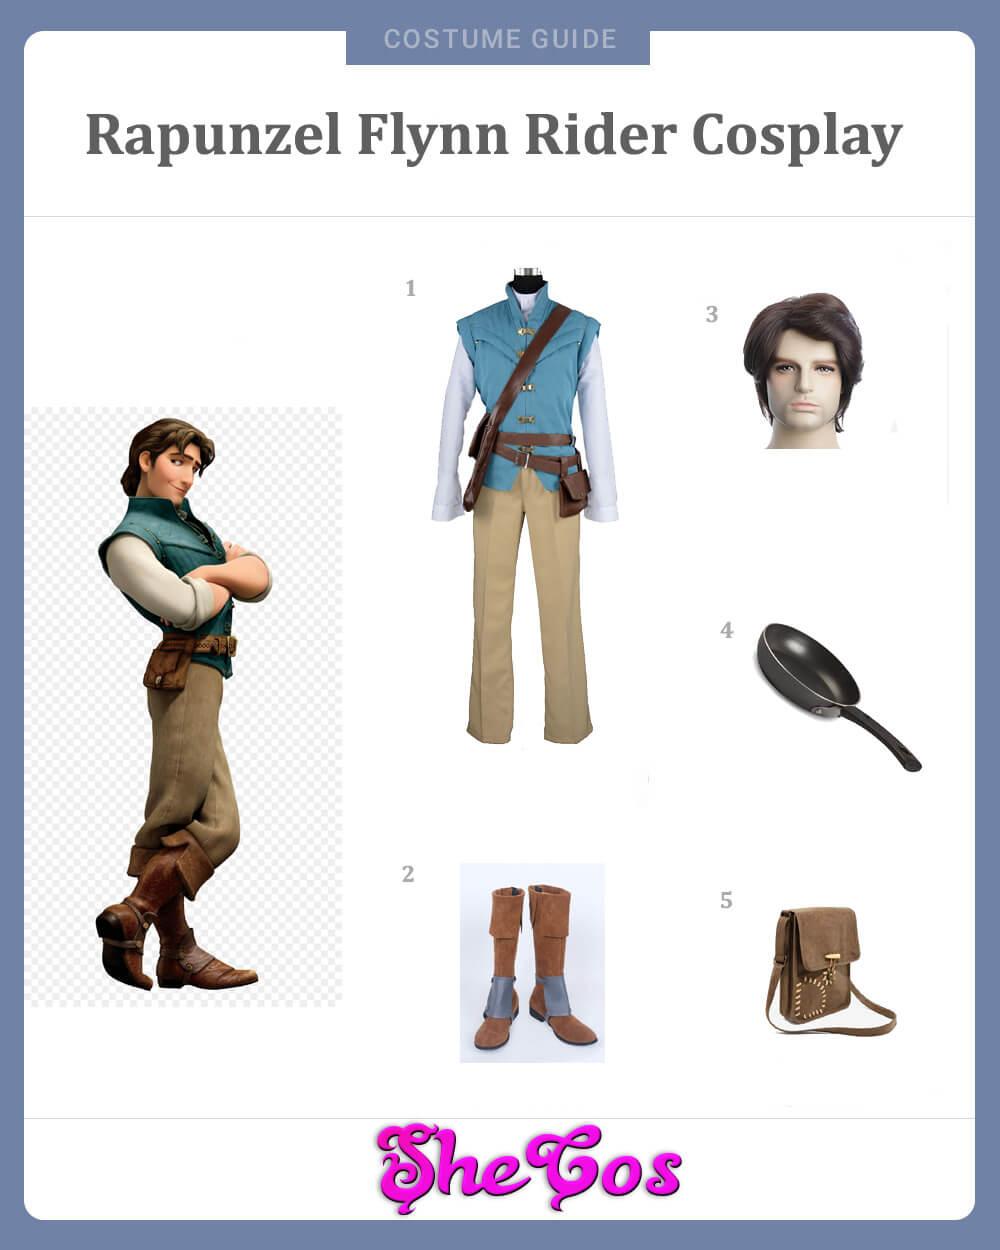 Flynn Rider Cosplay Guide